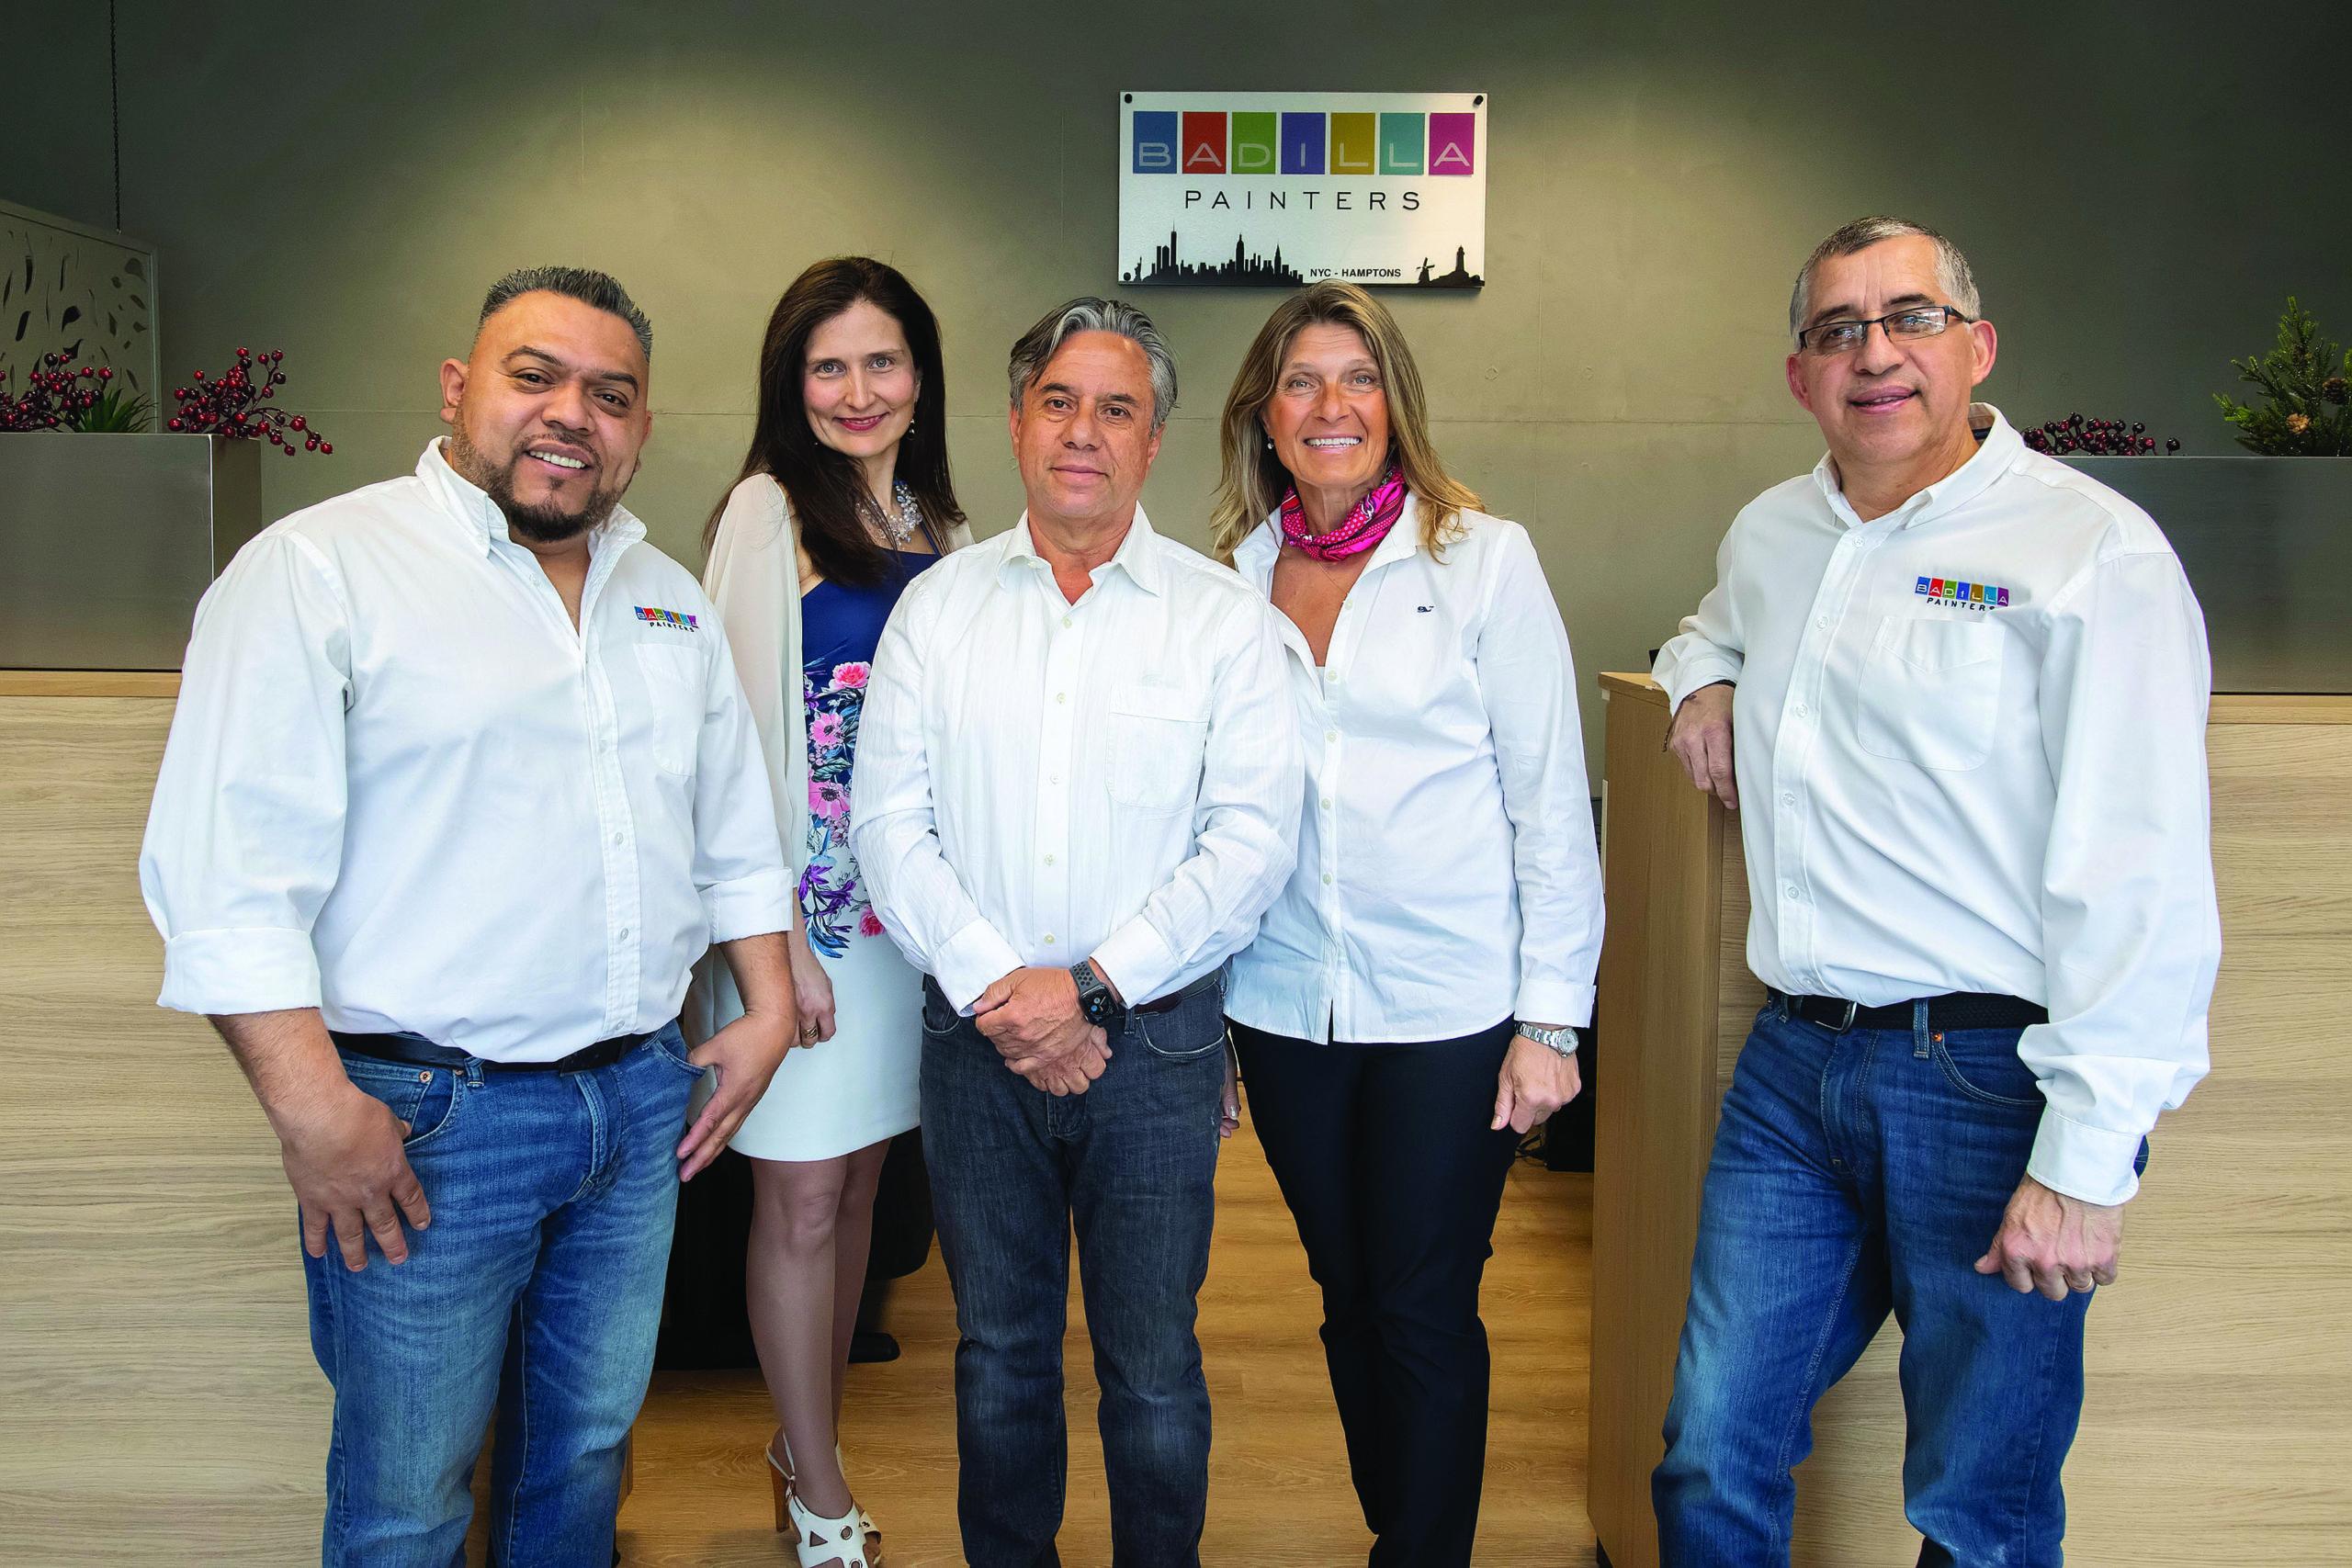 The Badilla Painters management team, from left to right, Arnulfo Vasquez, Julie Alvarado, Joe Badilla, Marina Leous, and Joe Sarasky.